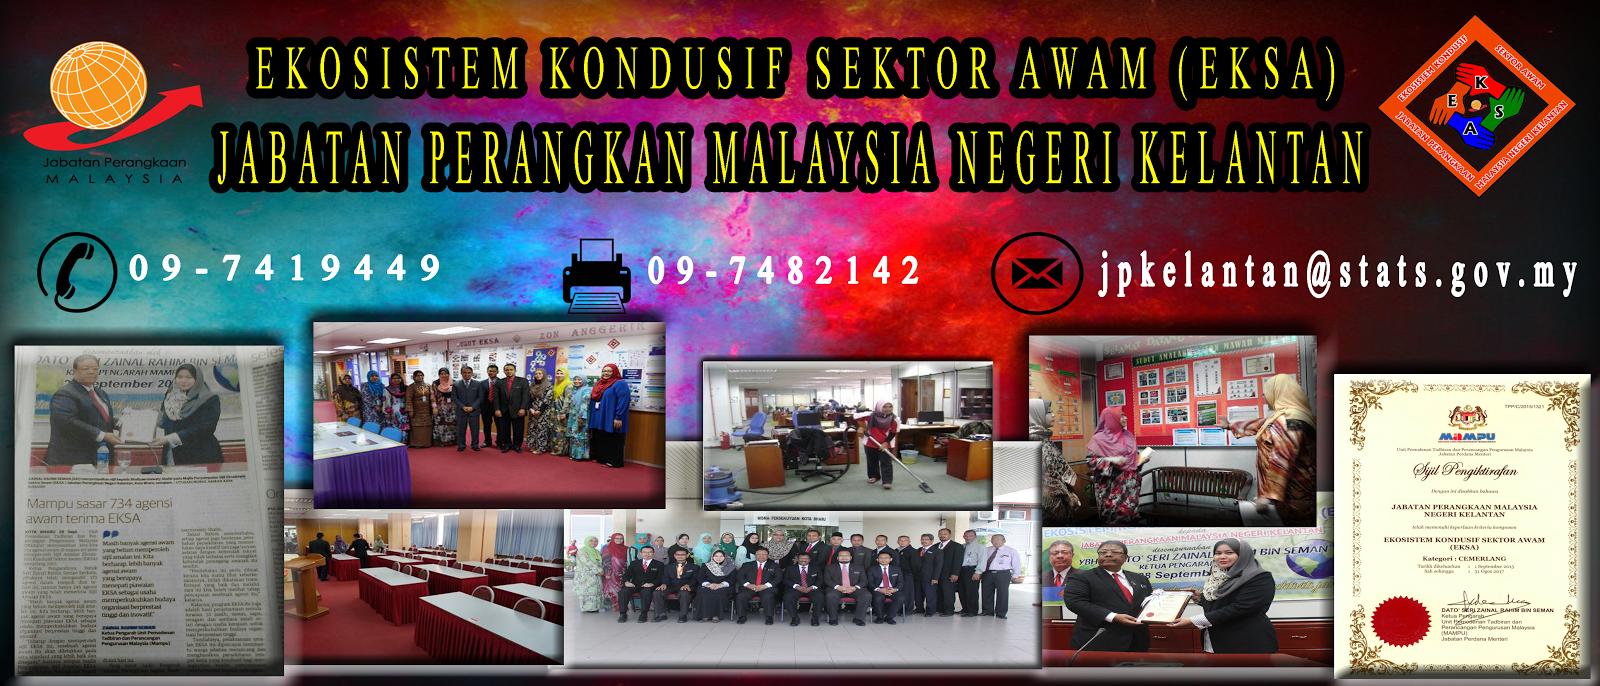 EKSA Jabatan Perangkaan Malaysia Negeri Kelantan